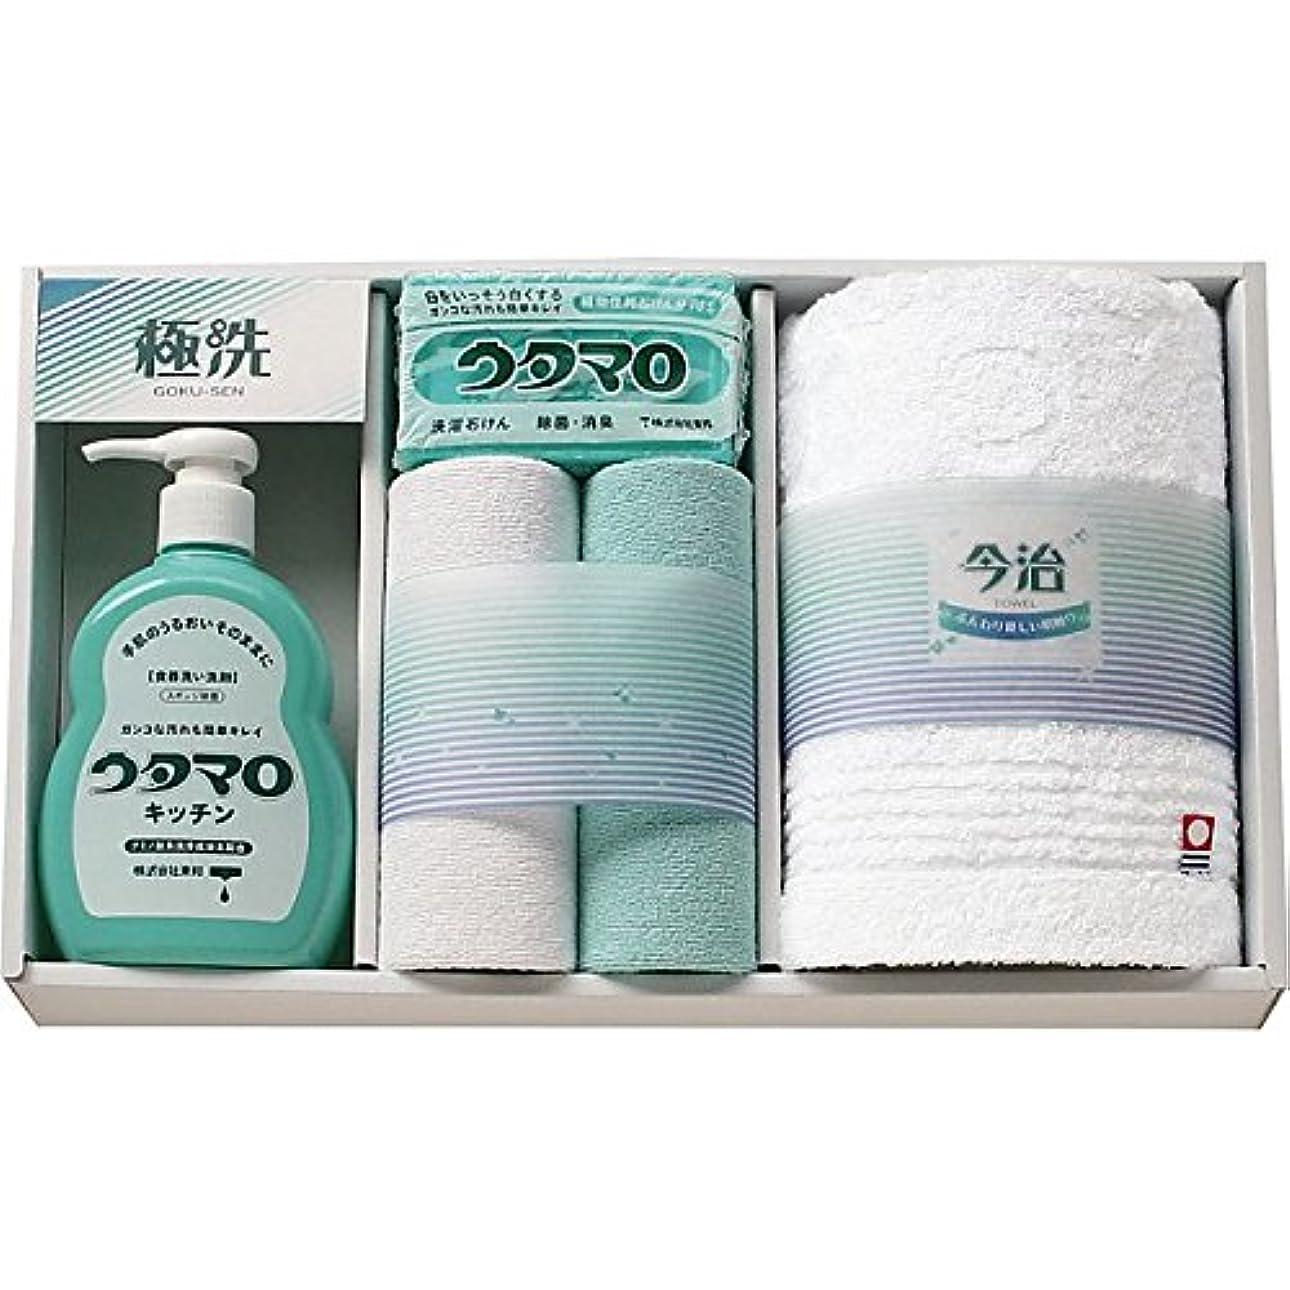 分子植木確立します( ウタマロ ) 石鹸?キッチン洗剤ギフト ( 835-1055r )